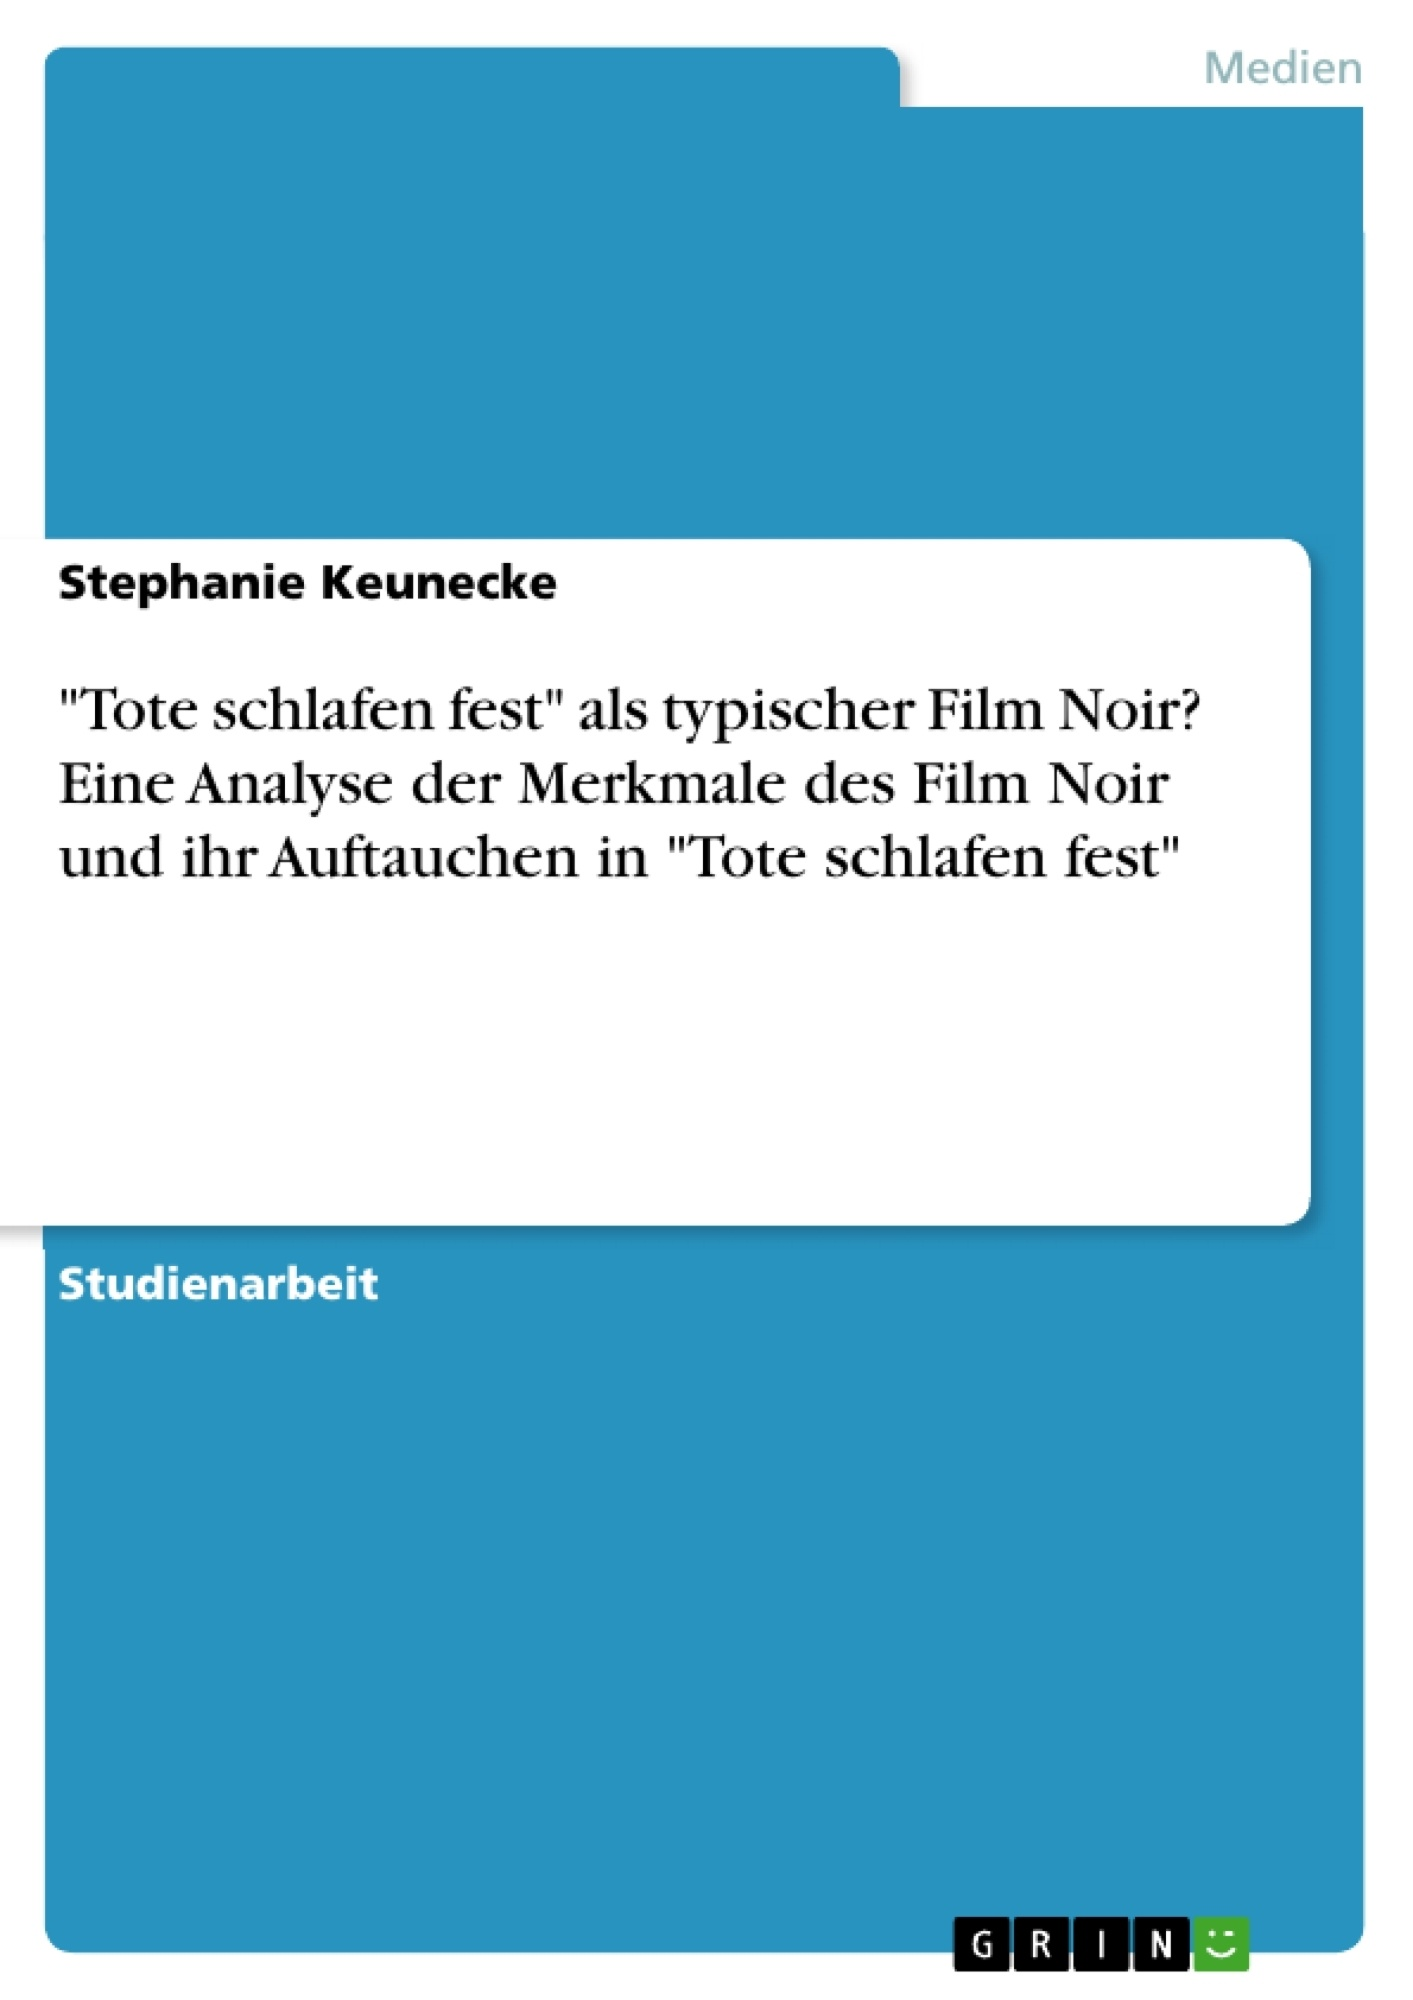 """Titel: """"Tote schlafen fest"""" als typischer Film Noir? Eine Analyse der Merkmale des Film Noir und ihr Auftauchen in """"Tote schlafen fest"""""""